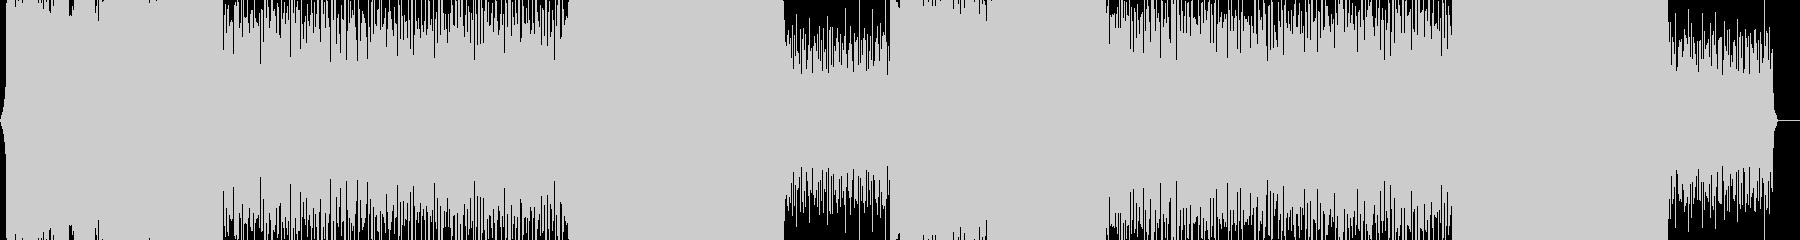 SFな雰囲気のオーケストラ/テクノの未再生の波形